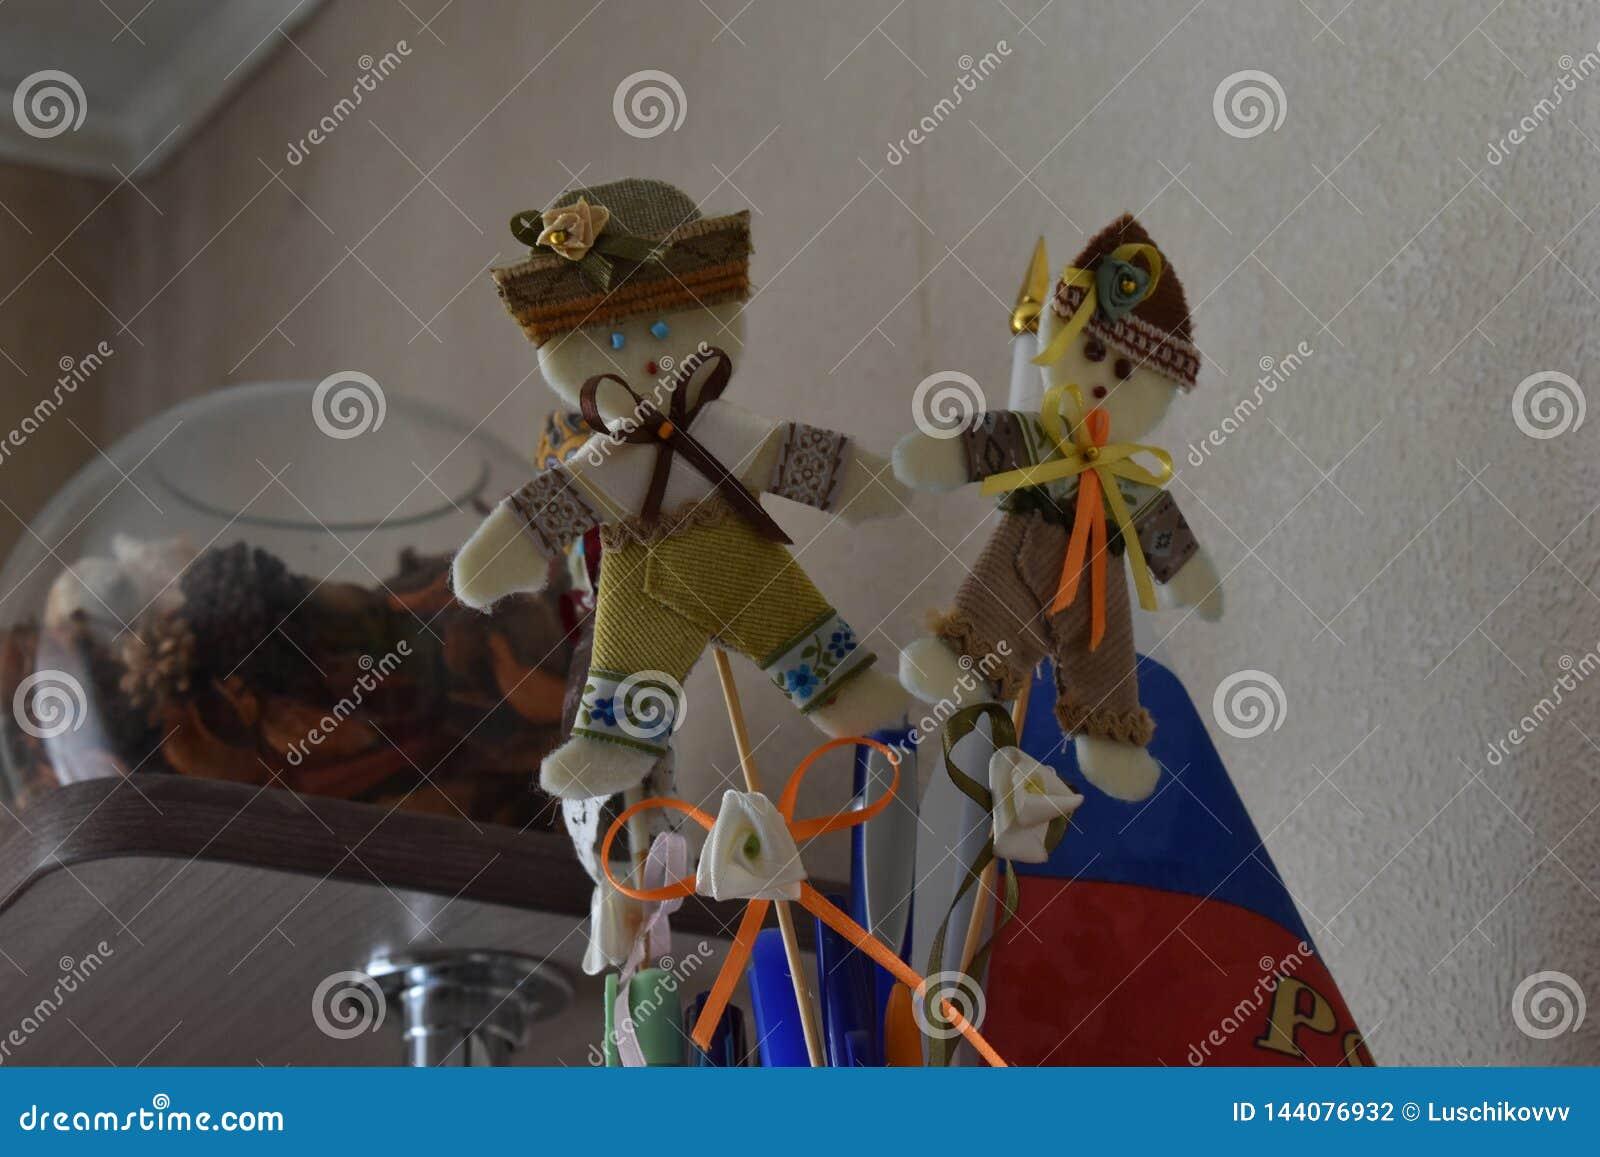 Dança redonda - boneca de pano popular com suas mãos